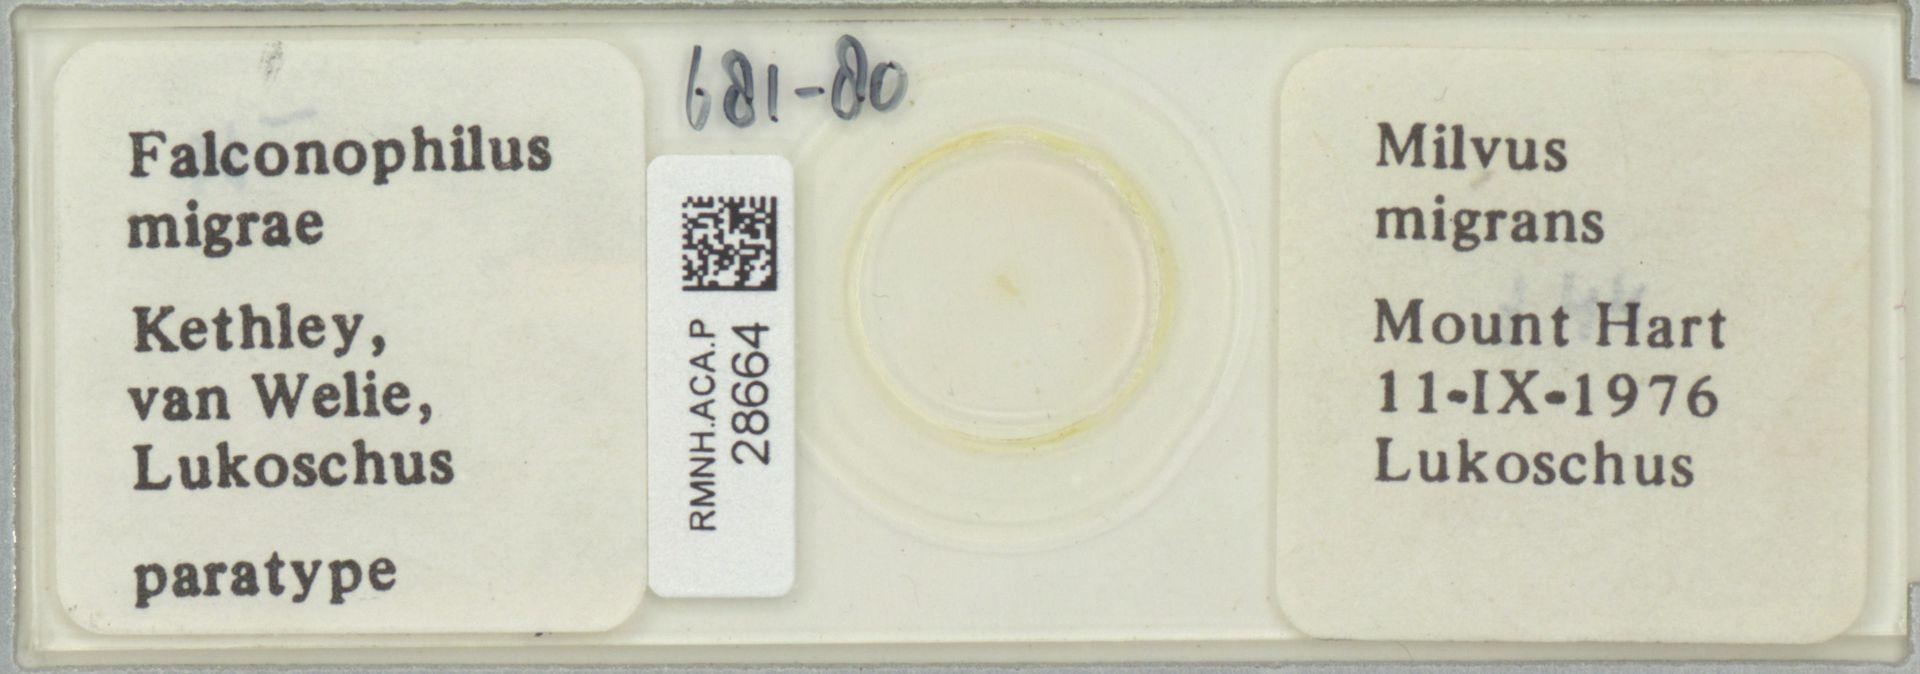 RMNH.ACA.P.28664 | Falconophilus migrae Kethley, van Welie, Lukoschus